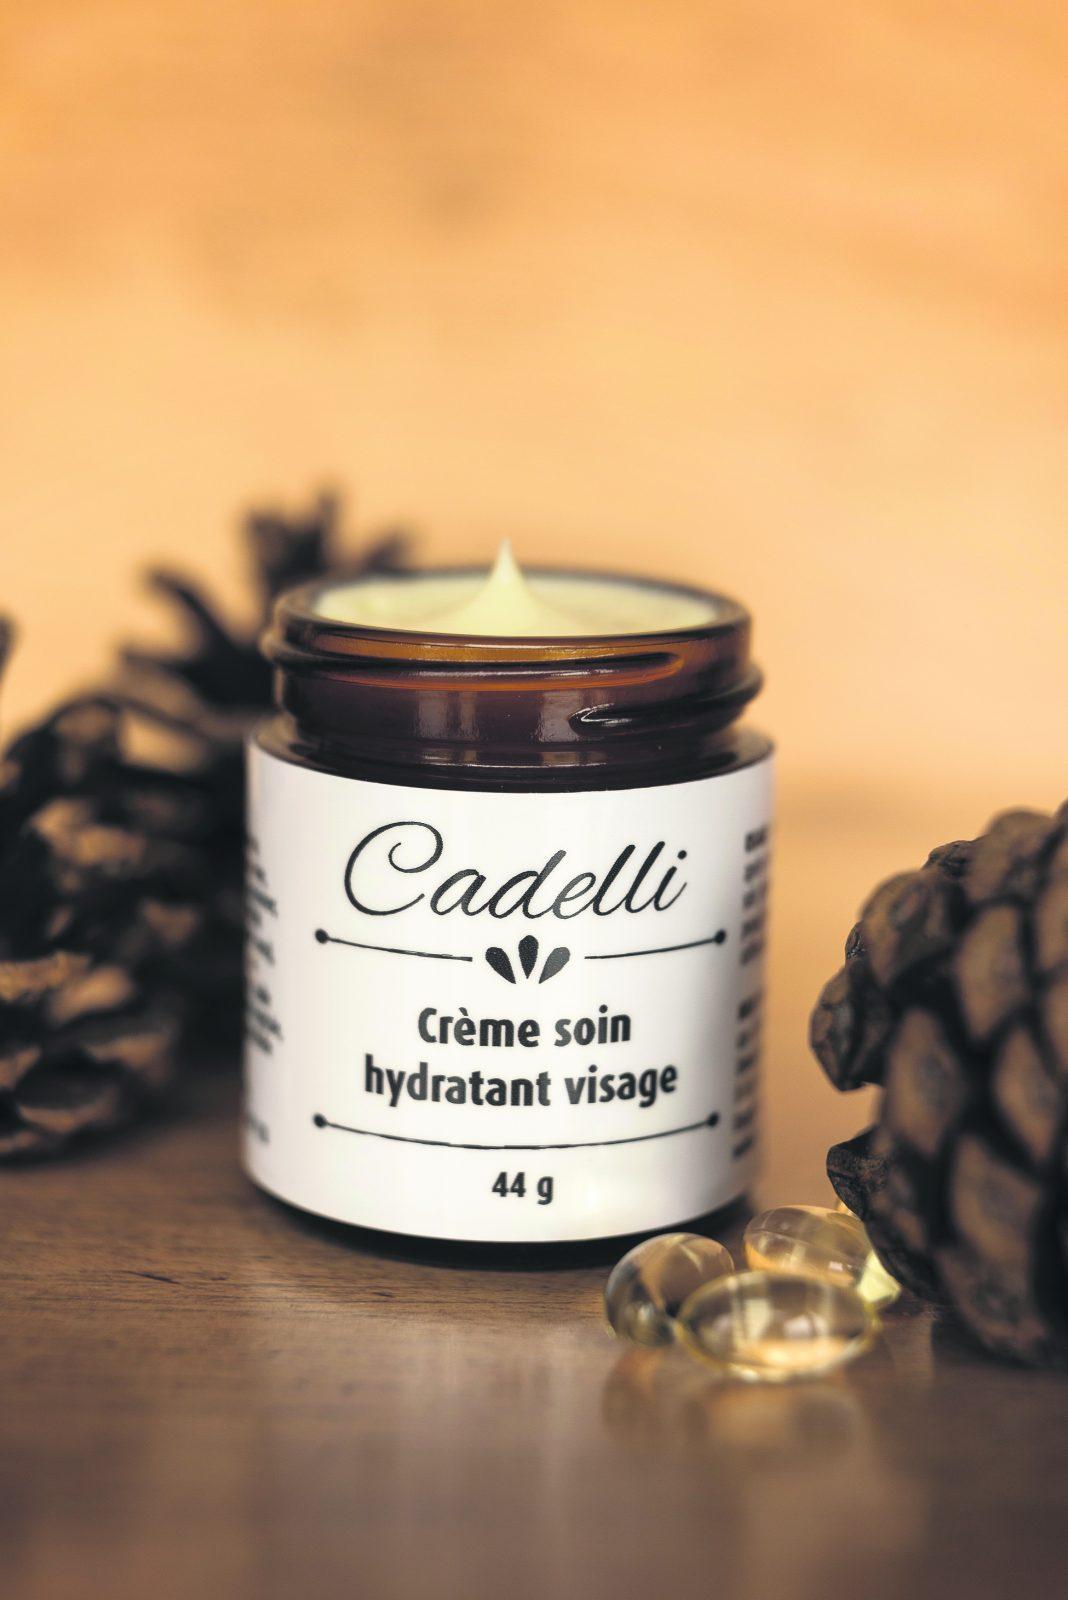 Cynthia Lebel ouvre sa boutique de cosmétiques naturels